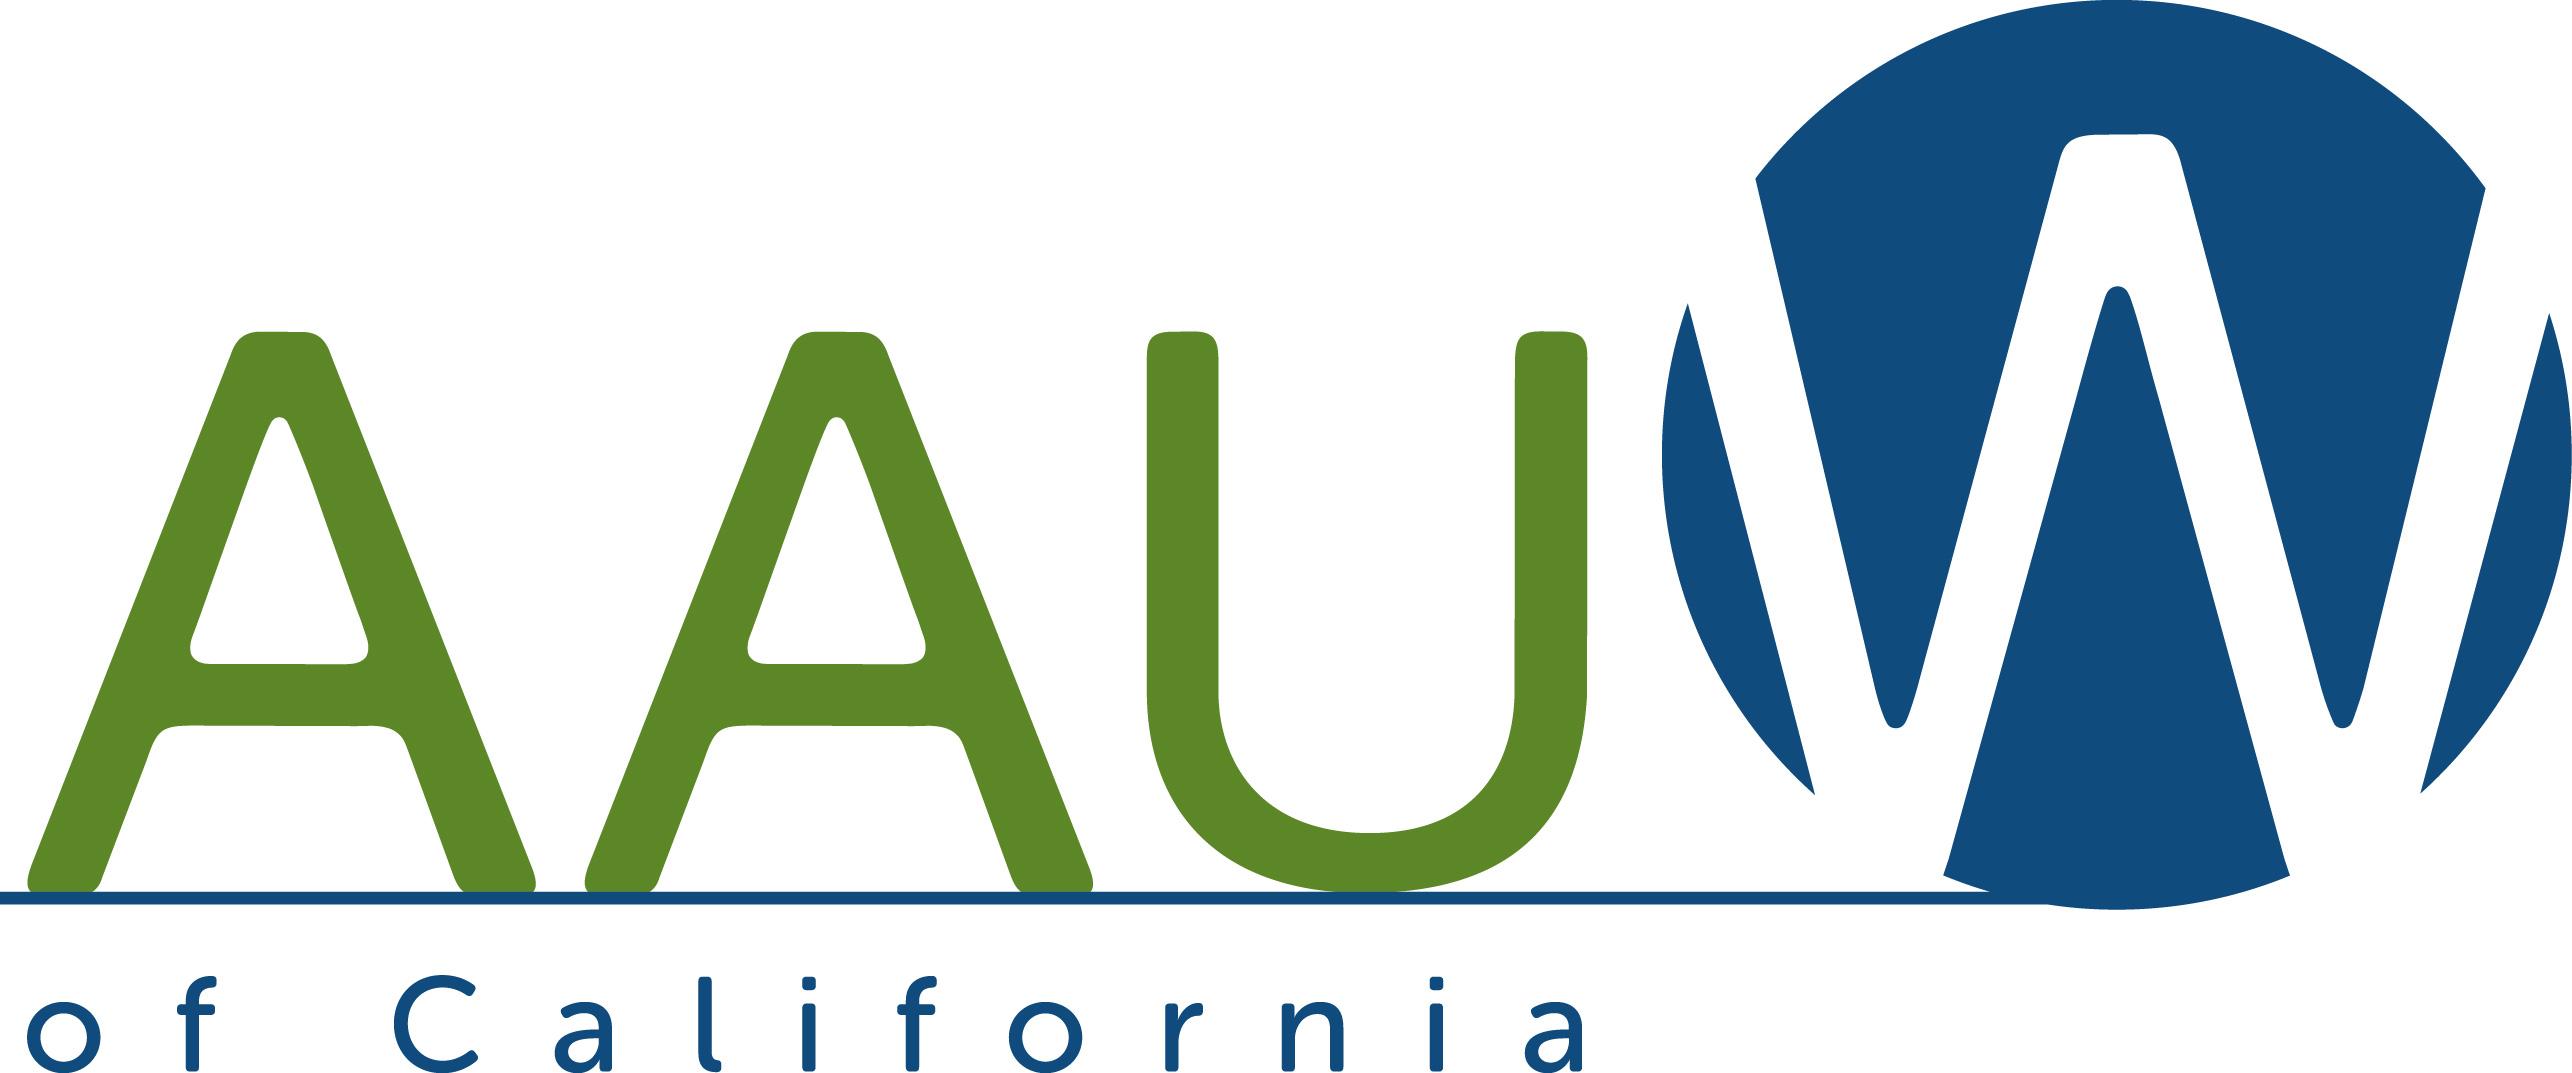 2019 Aauw California Annual Meeting Speech Trek Finals Tickets